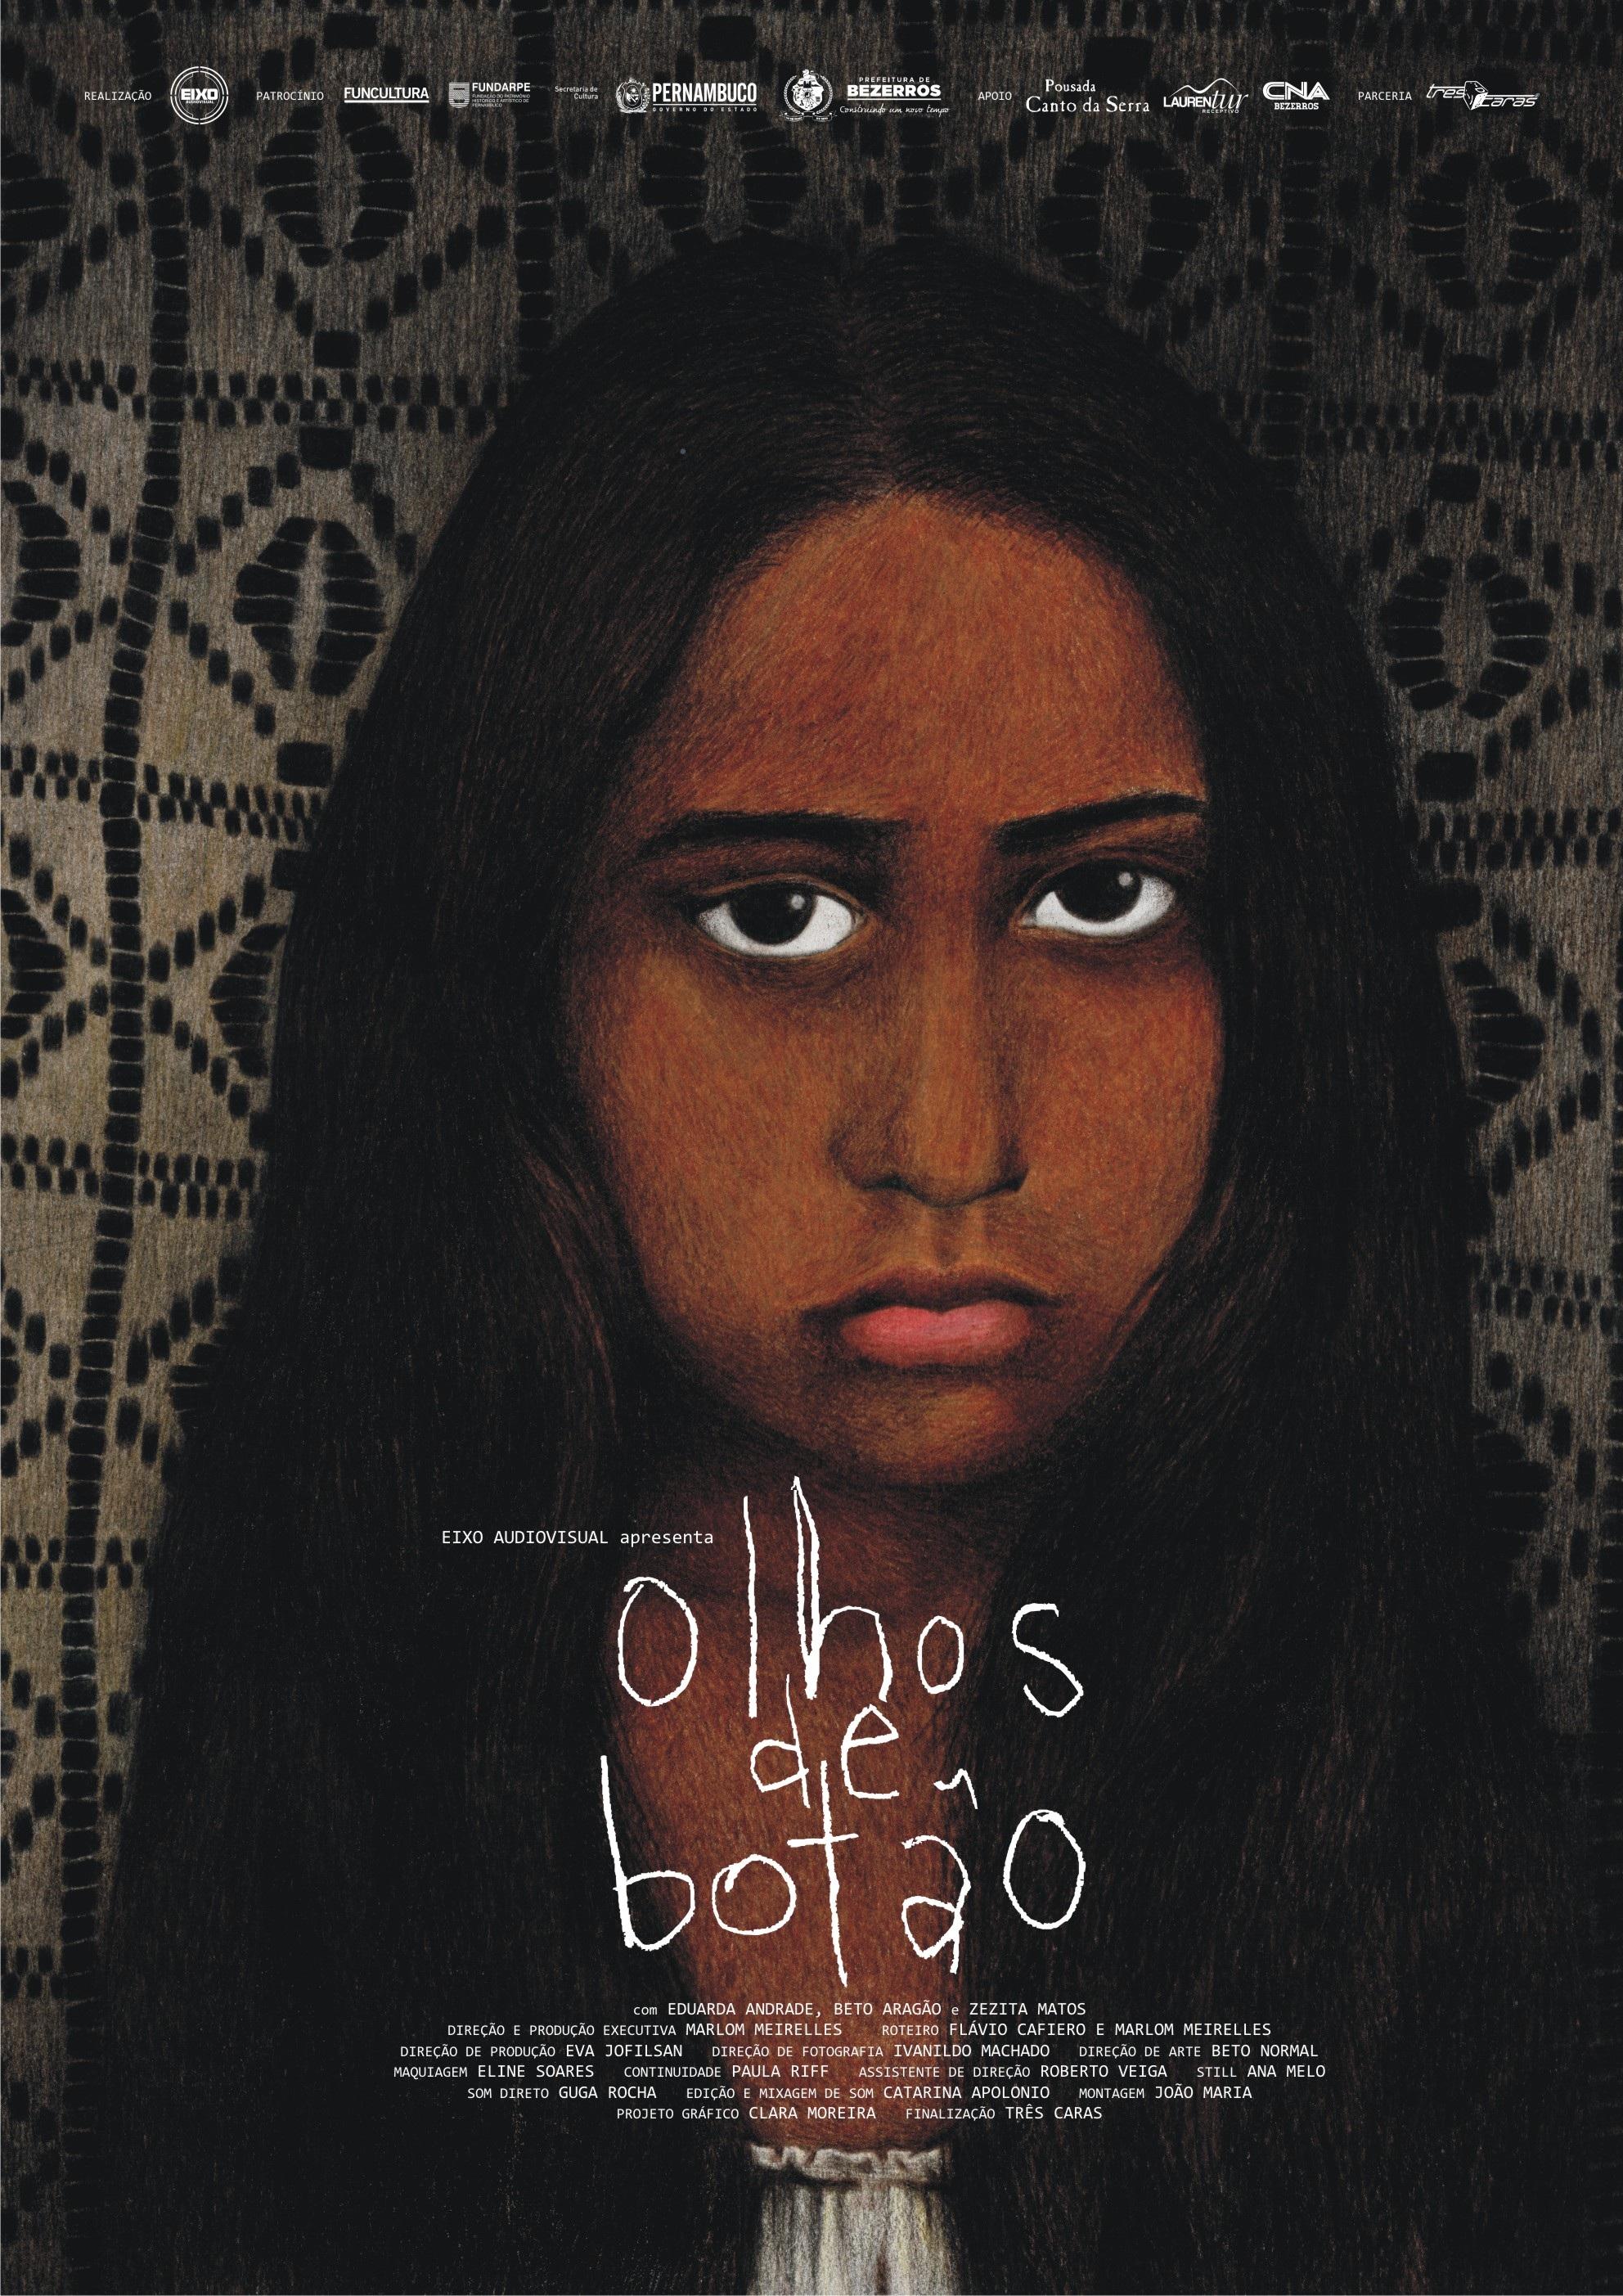 Olhos_de_Botão_poster.jpg